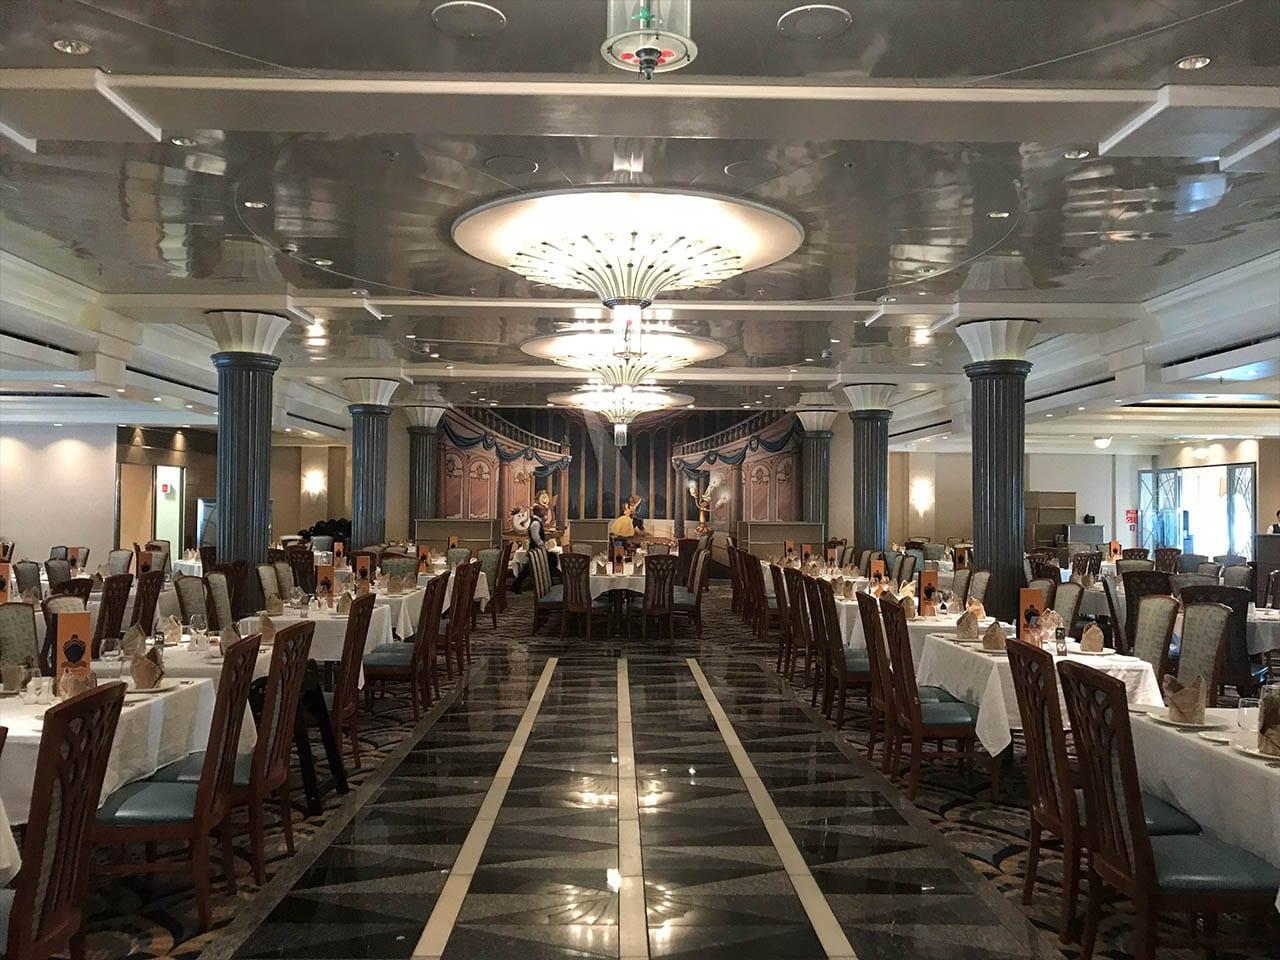 Un restaurant sur le thème de la Belle et la Bête, bateau disney magic, disney cruise line